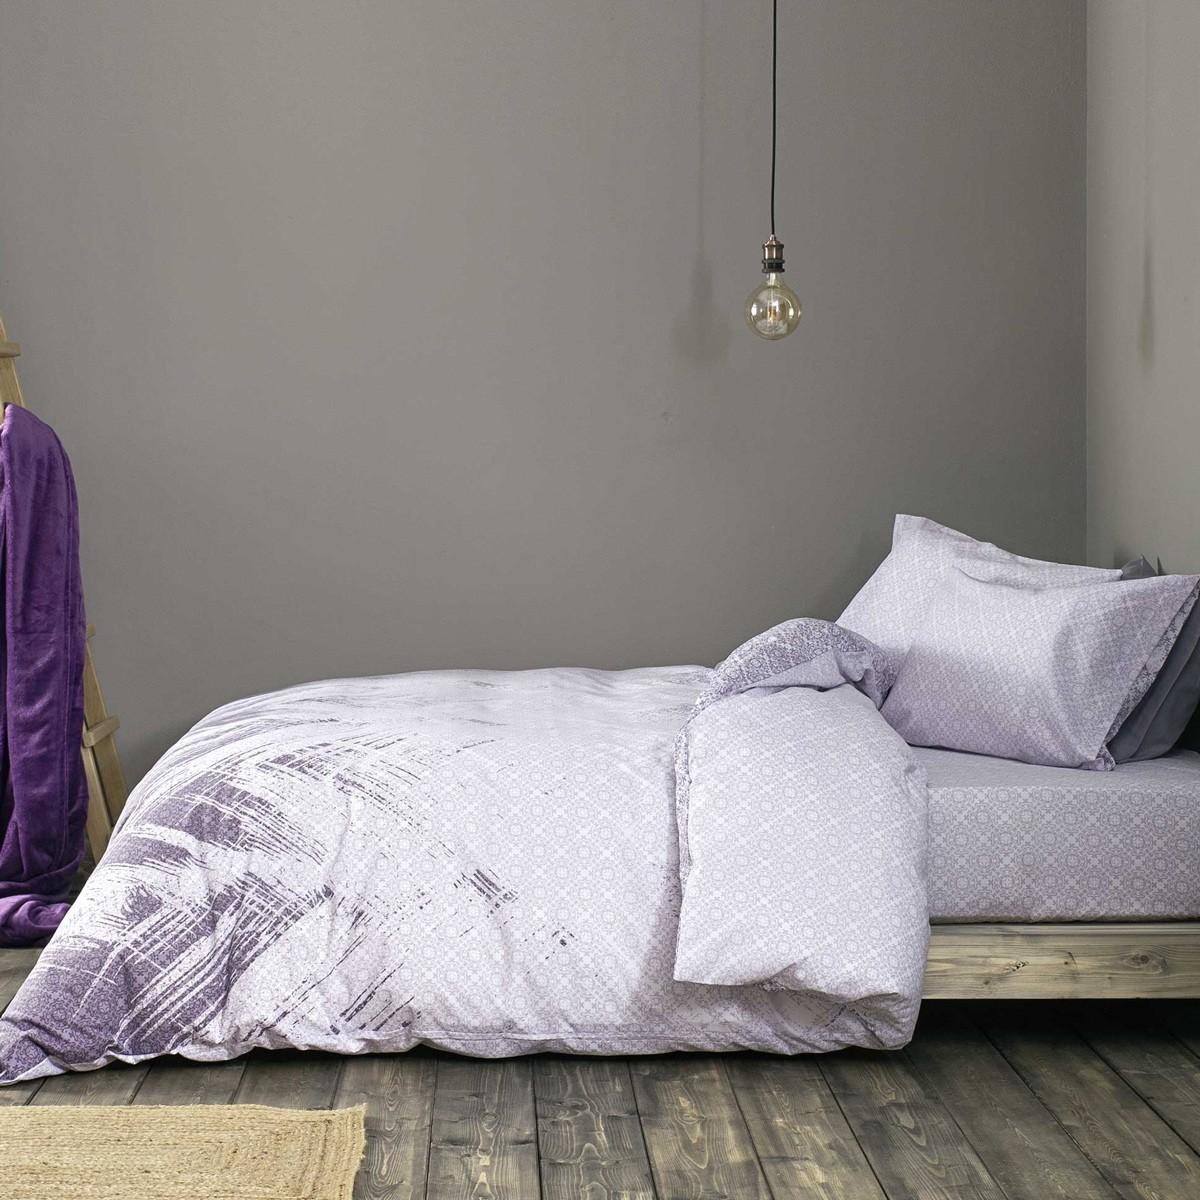 Σεντόνια Υπέρδιπλα (Σετ) Nima Bed Linen Portoro Purple ΜΕ ΛΑΣΤΙΧΟ ΜΕ ΛΑΣΤΙΧΟ